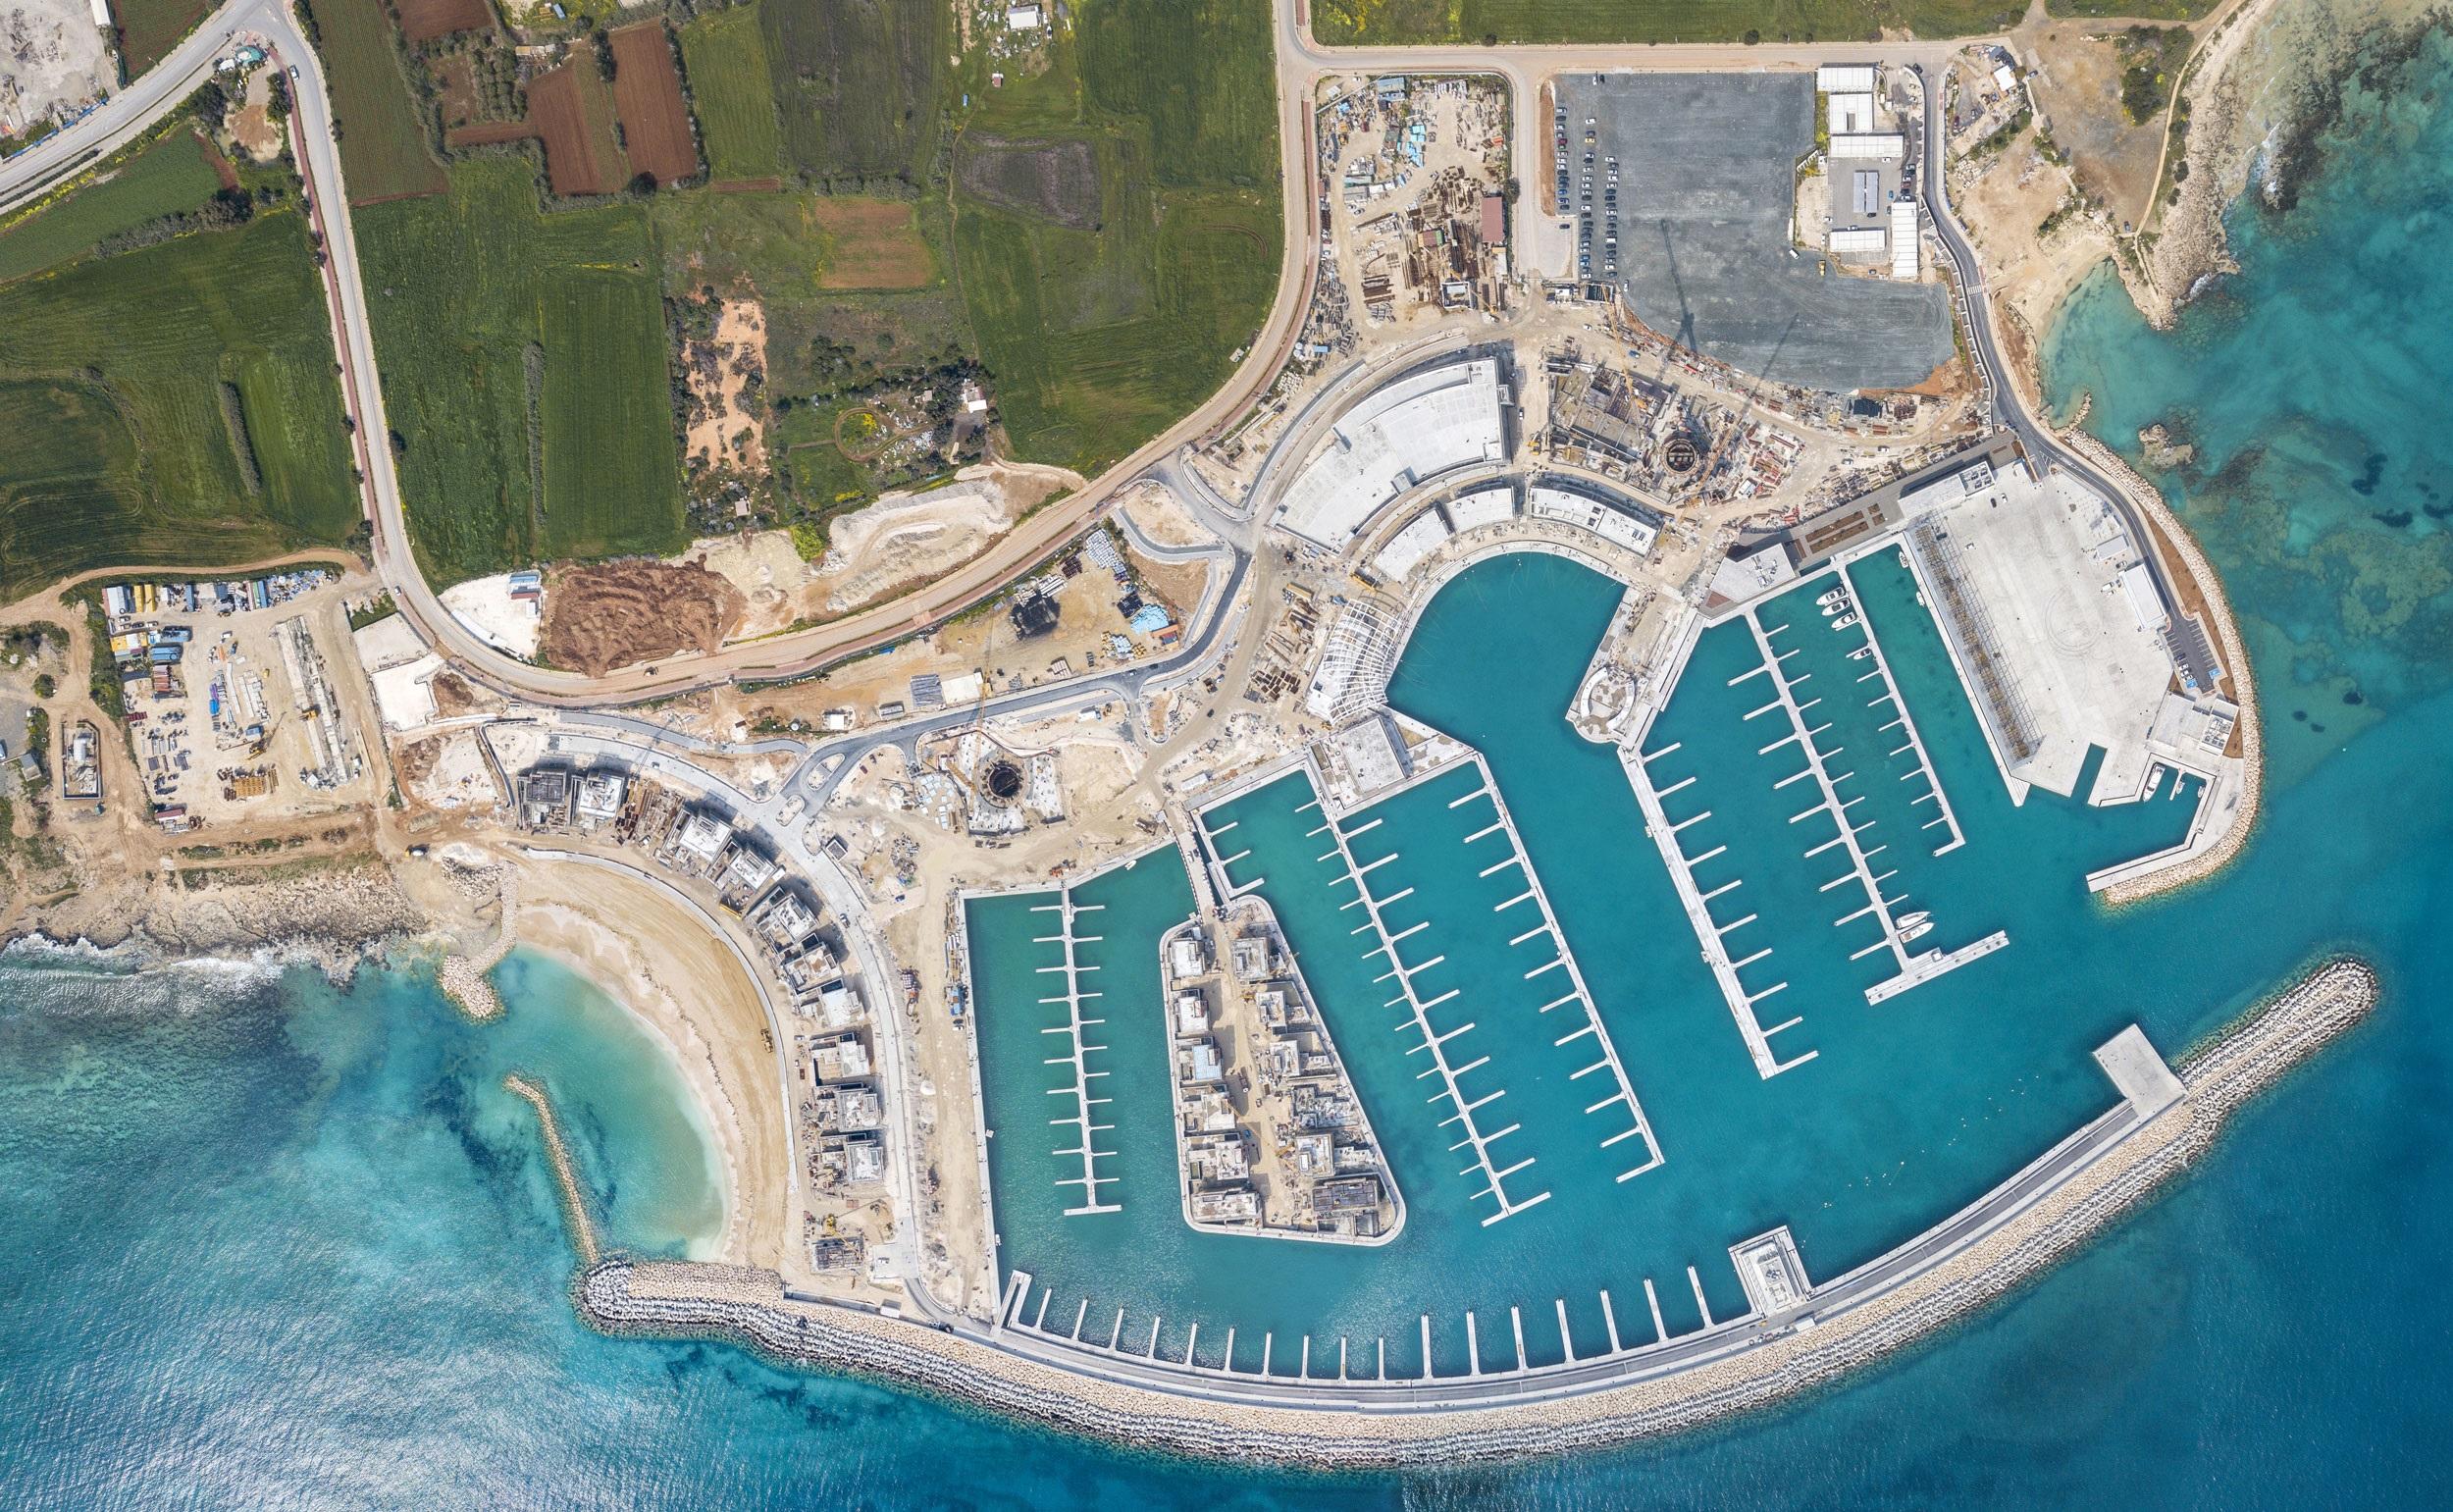 ΤΕΡΝΑ Α.Ε.: Παραδόθηκε η πρώτη φάση της ανάπτυξης της Μαρίνας Αγίας Νάπας στην Κύπρο